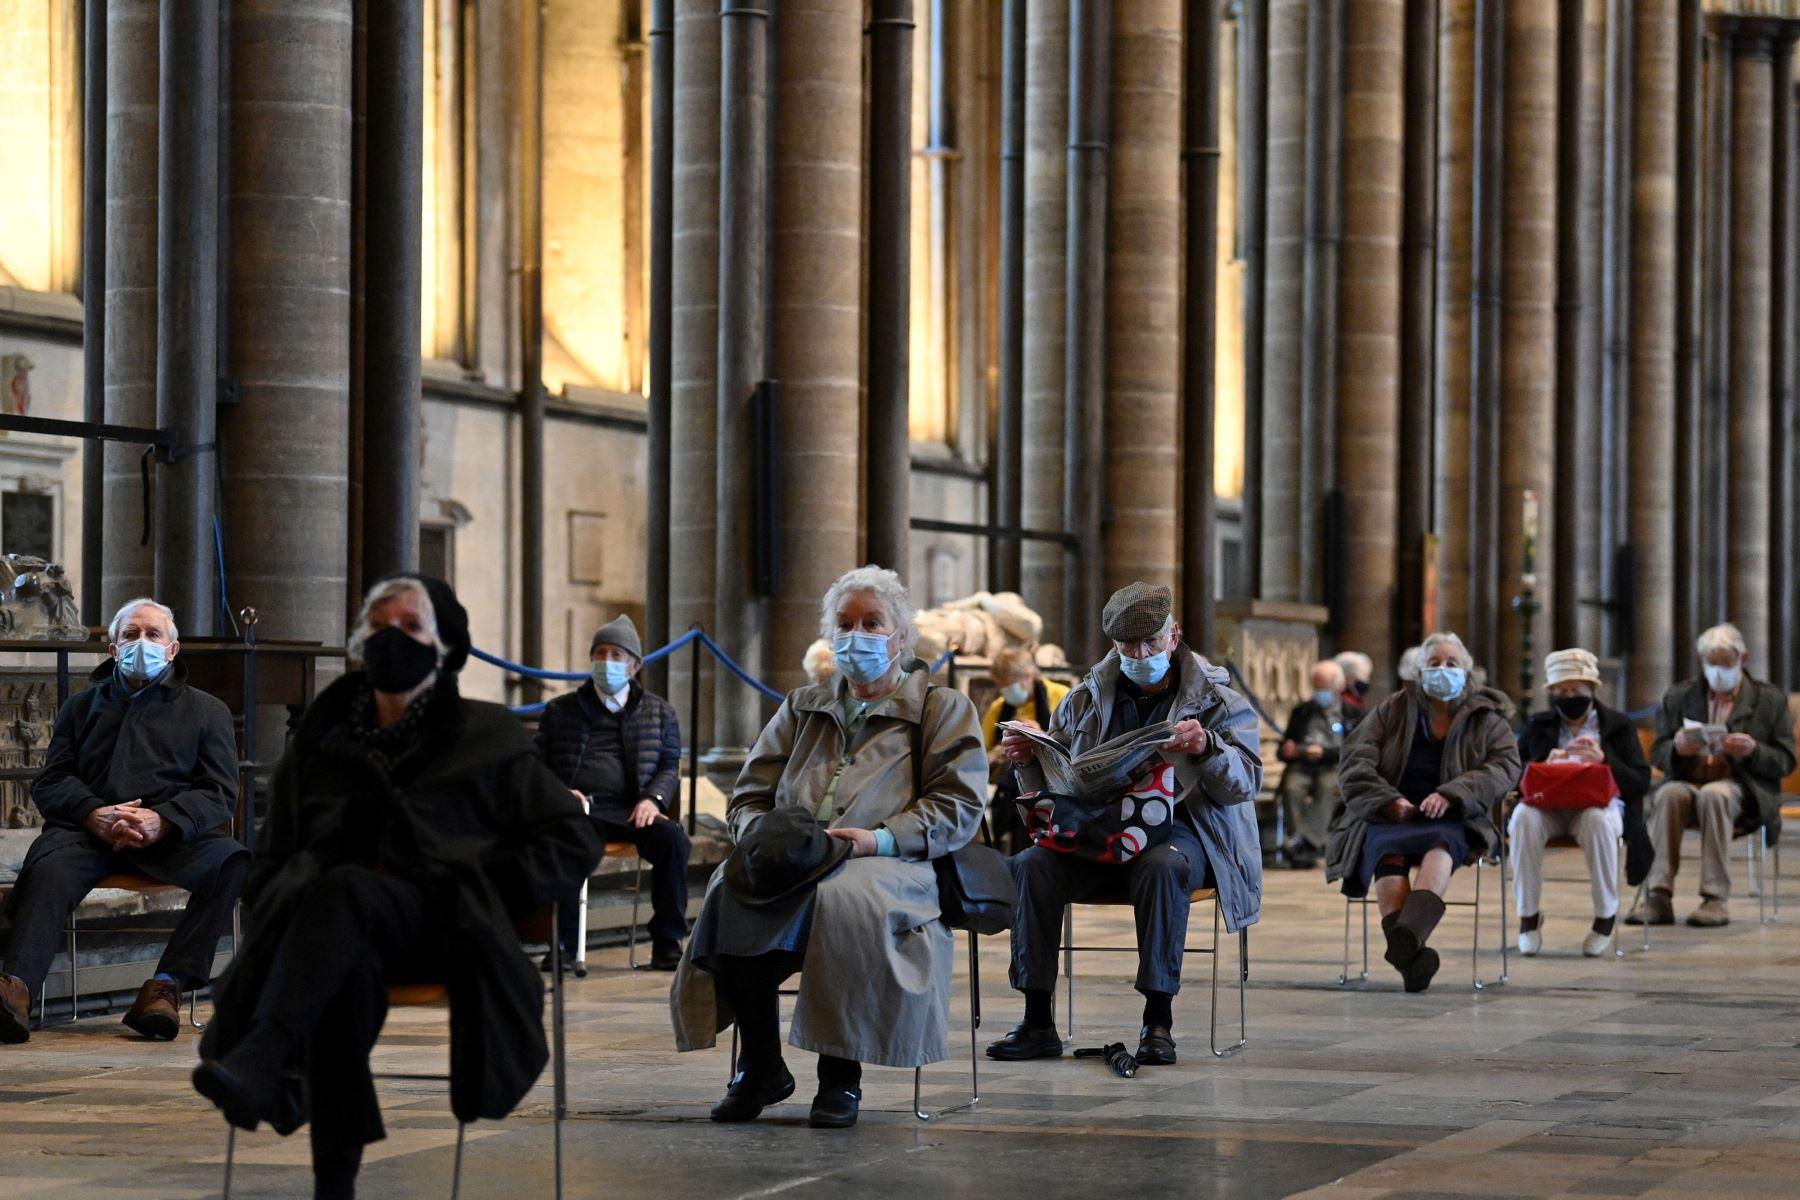 El edificio de los siglos XIII-XIV es una de las tres catedrales británicas que participan en el mayor programa de vacunación de Inglaterra. Foto: AFP